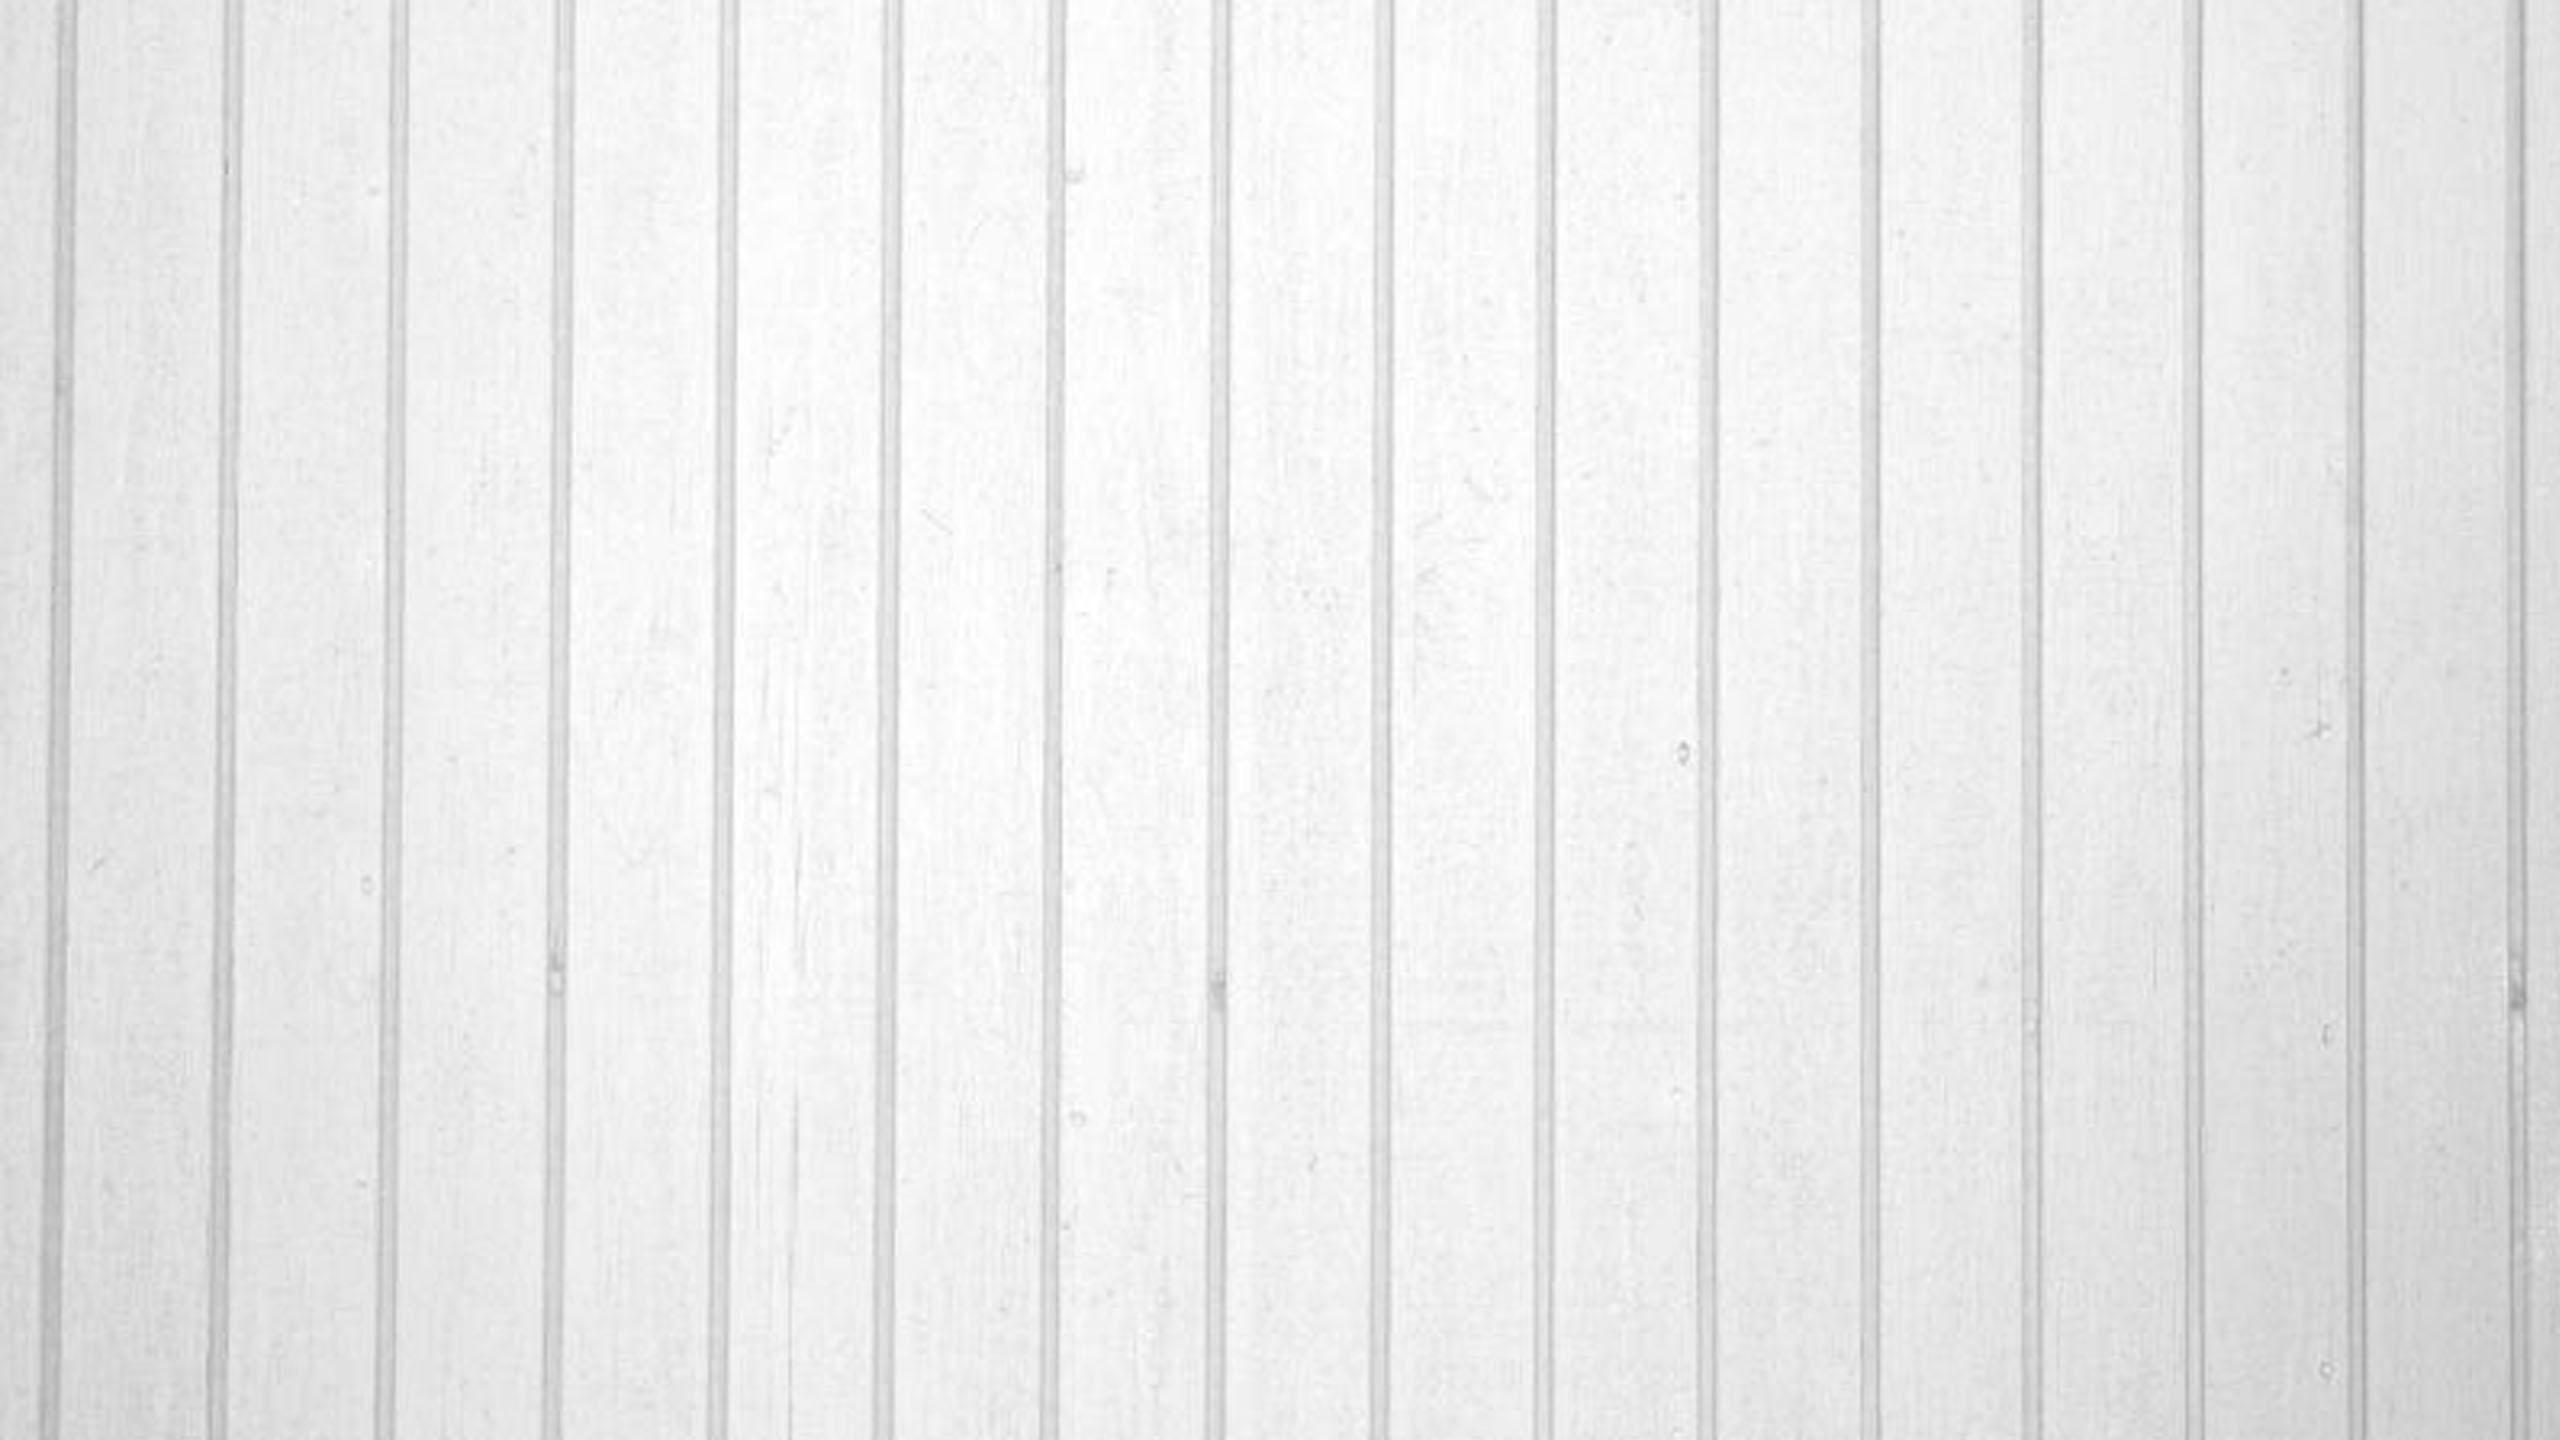 بالصور خلفية بيضاء ساده , اجمل الخلفيات البيضاء 6164 10